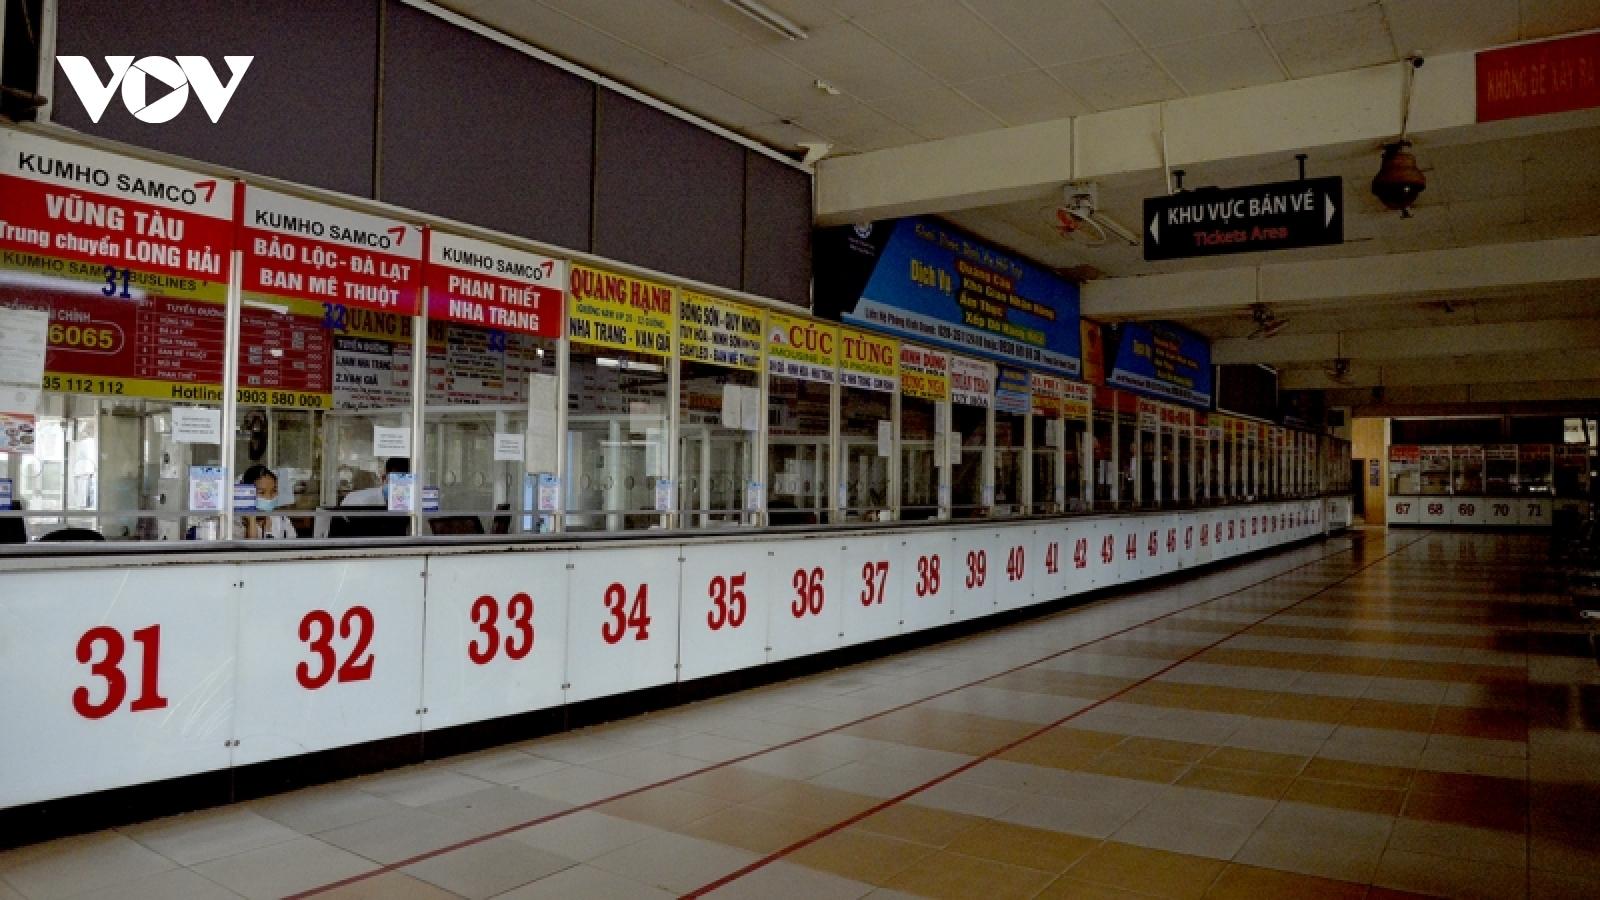 Ngày đầu thí điểm vận tải liên tỉnh, xe khách ở TP.HCM rời bến với hàng ghế trống